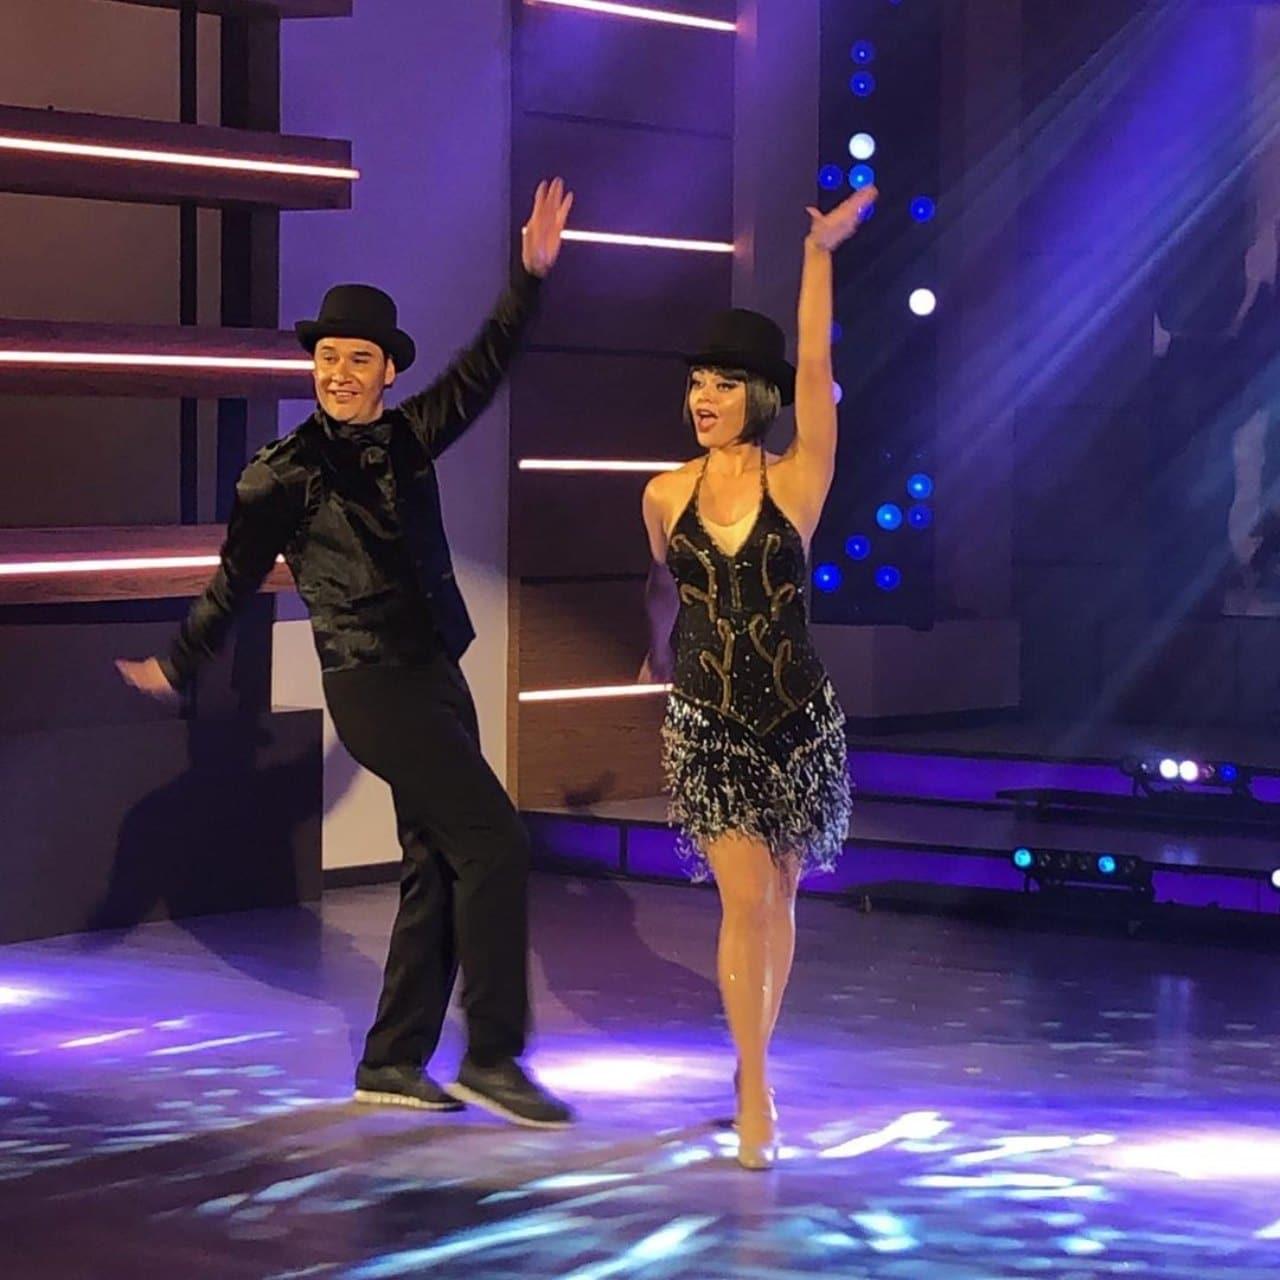 Marisol y Moi las estrellas bailan en hoy